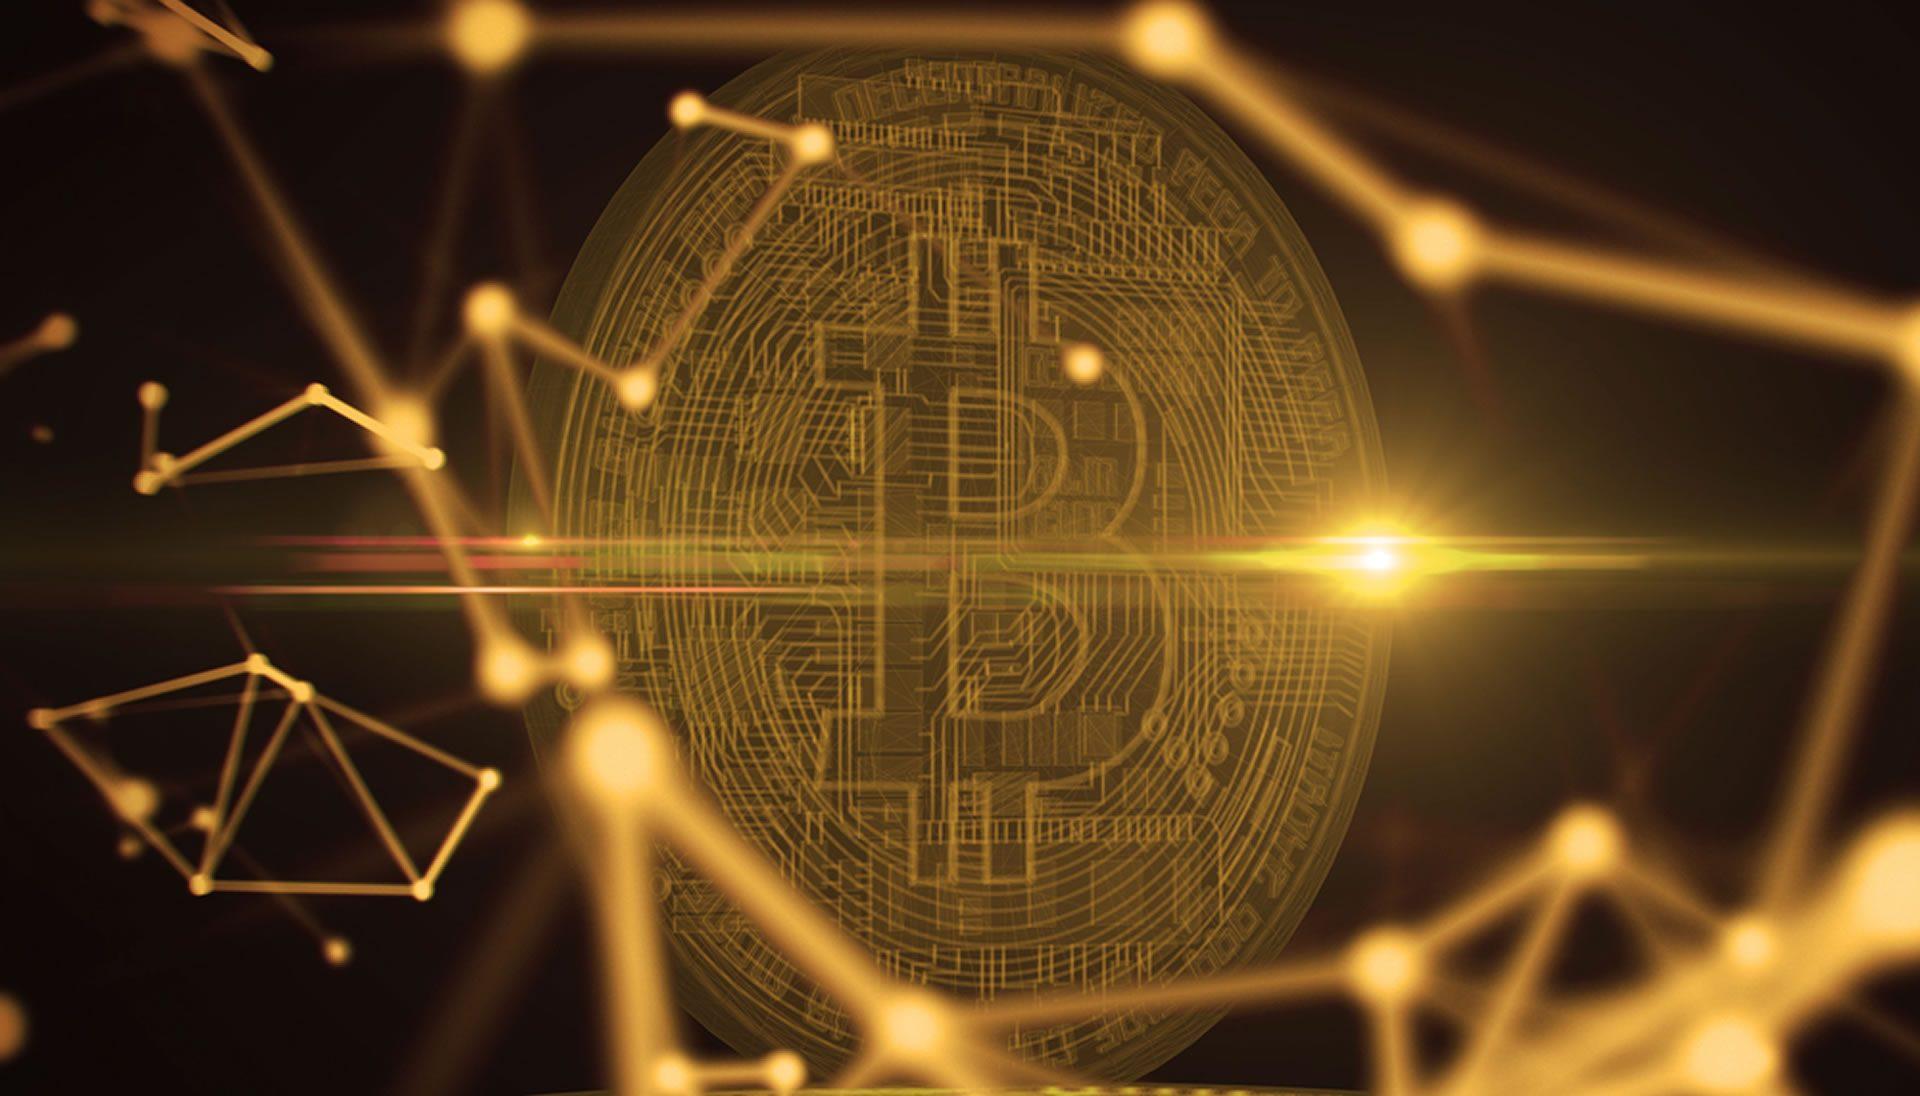 giá bitcoin: Hashrate mạng lưới Bitcoin quay lại ngưỡng tháng 3